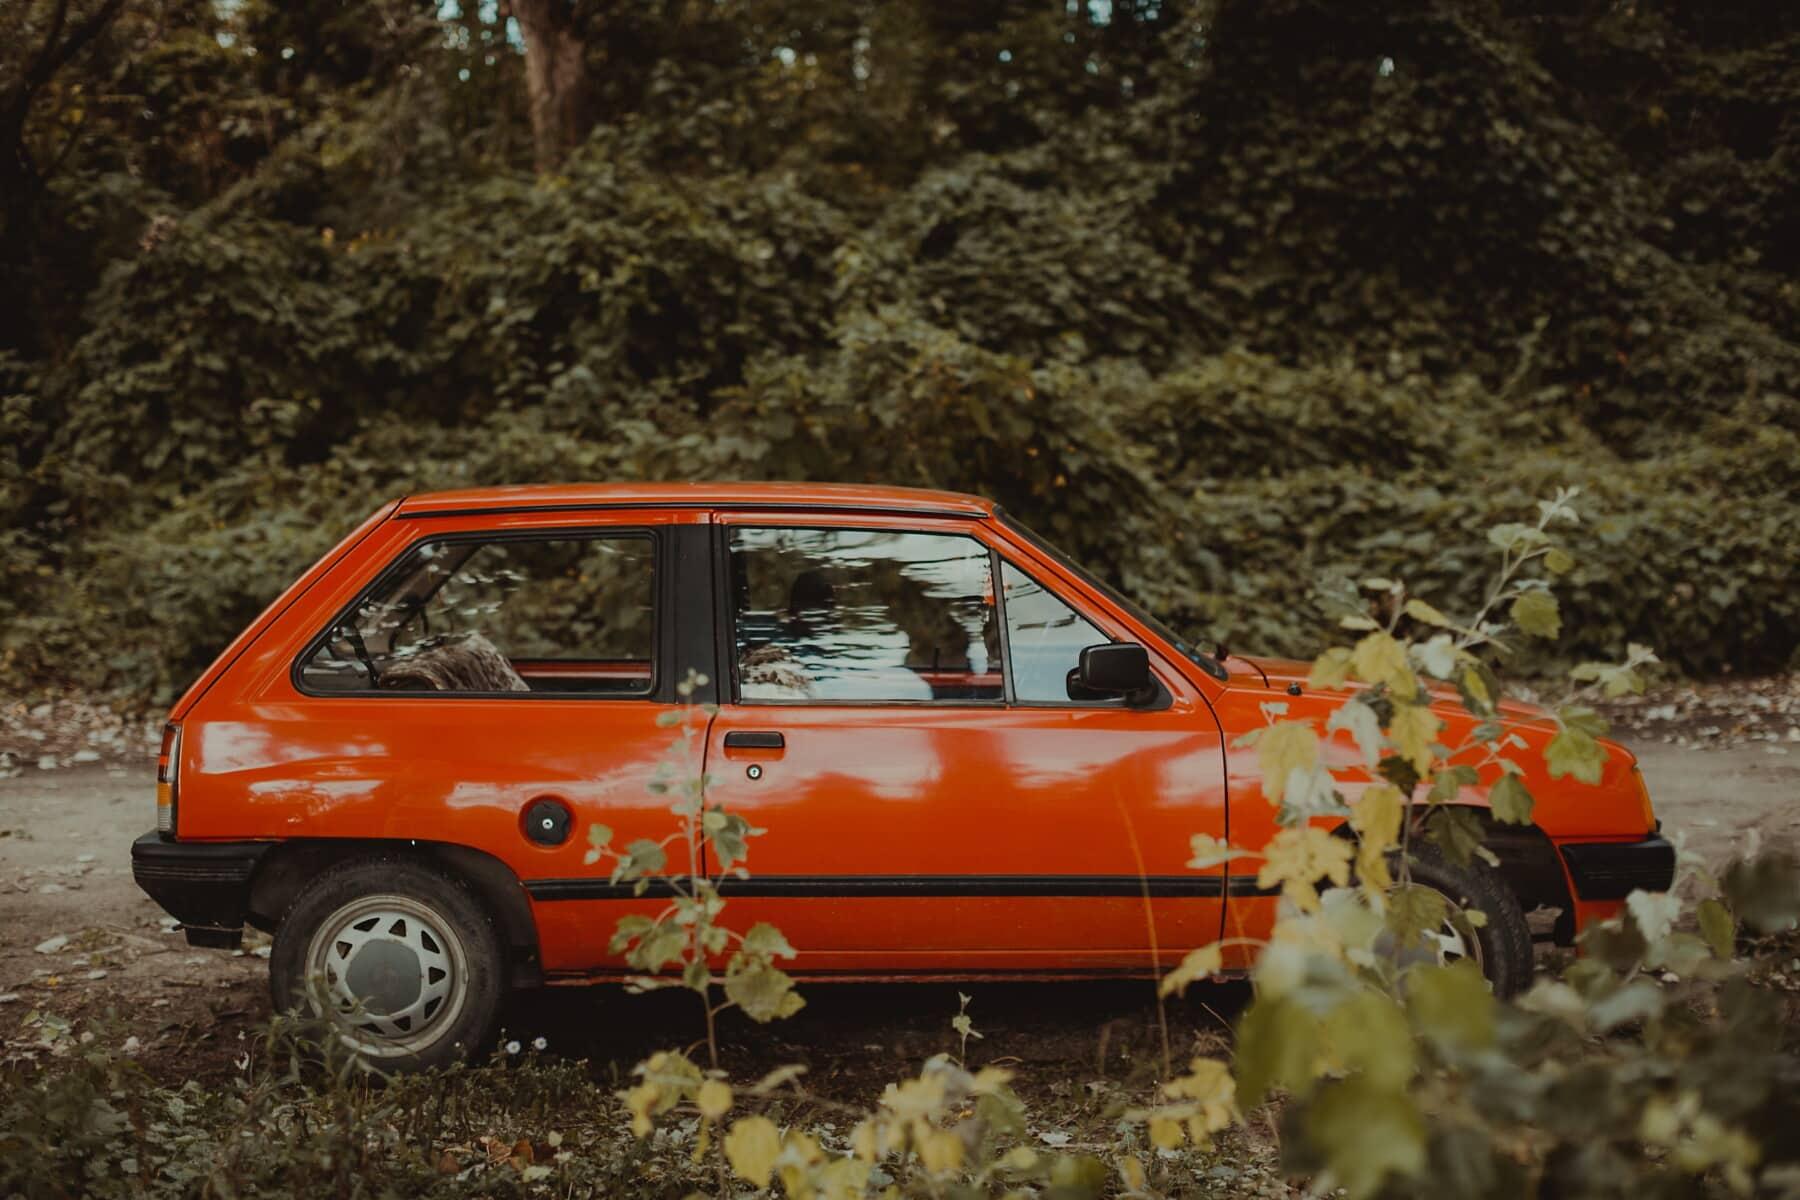 voiture, route forestière, forêt, nostalgie, vieux, oldtimer, véhicule, automobile, transport, Itinéraire